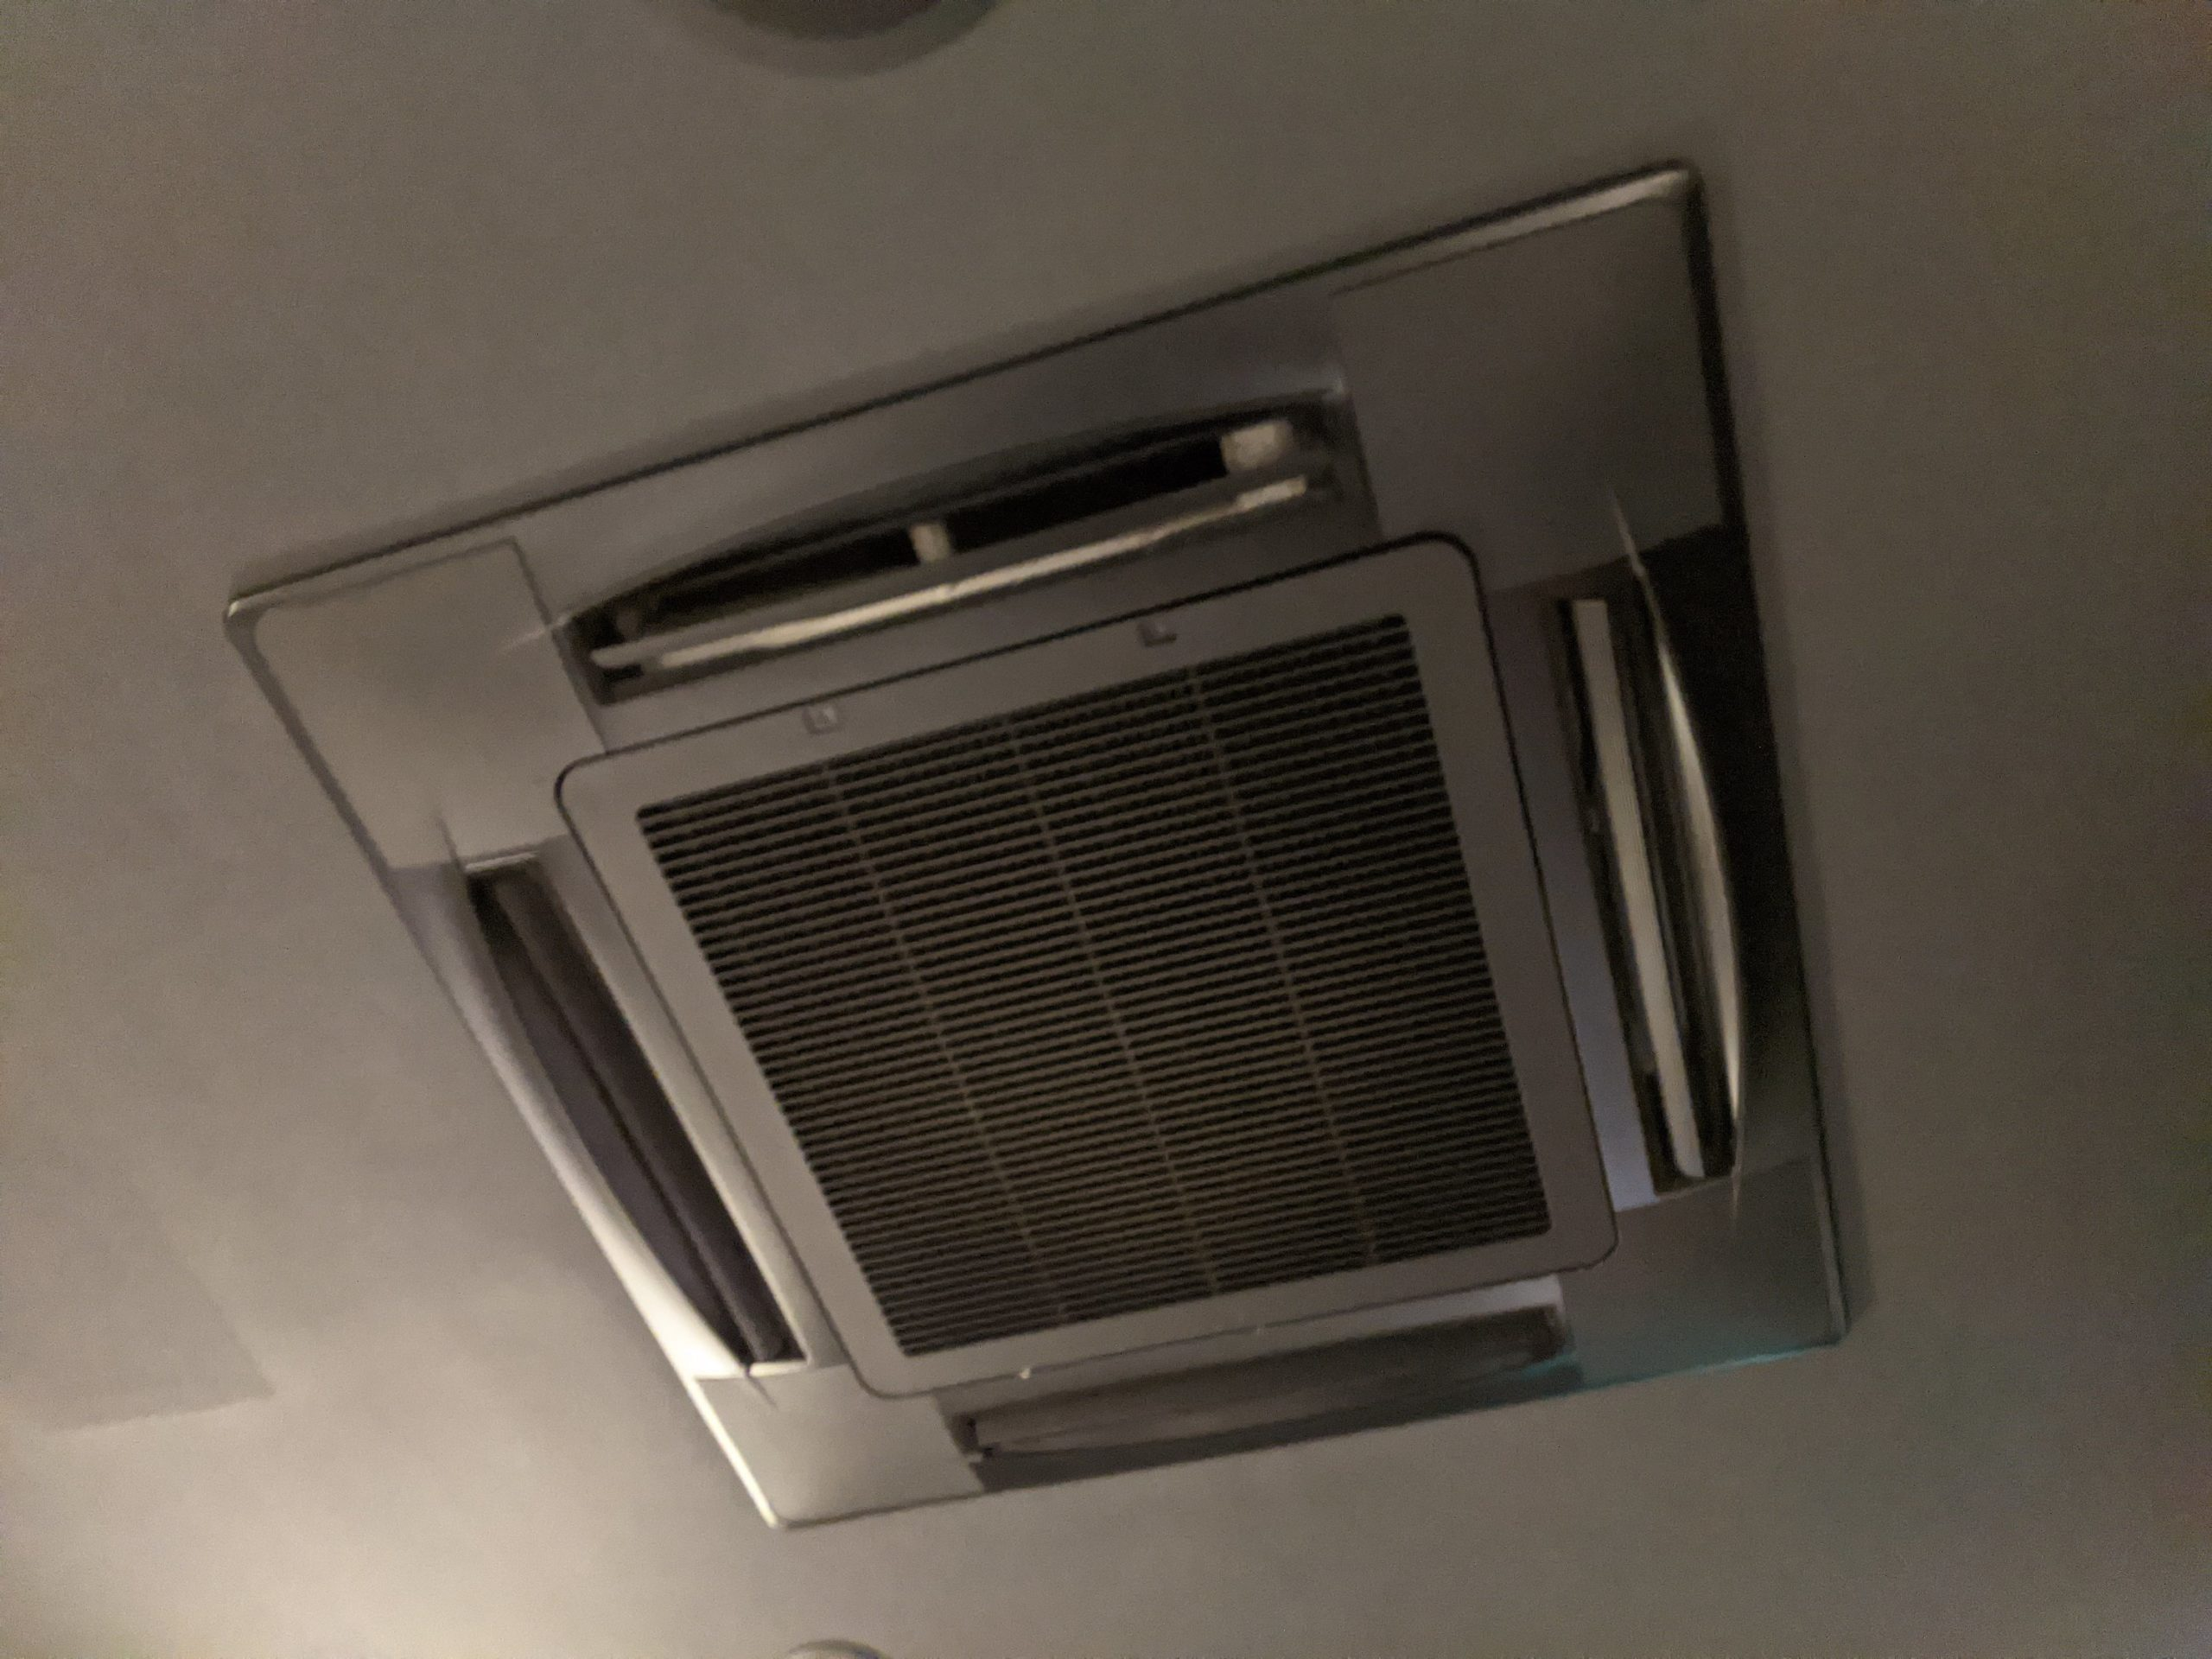 大阪市中央区東心斎橋飲食店様の業務用エアコンクリーニング現場写真。エアコン外観